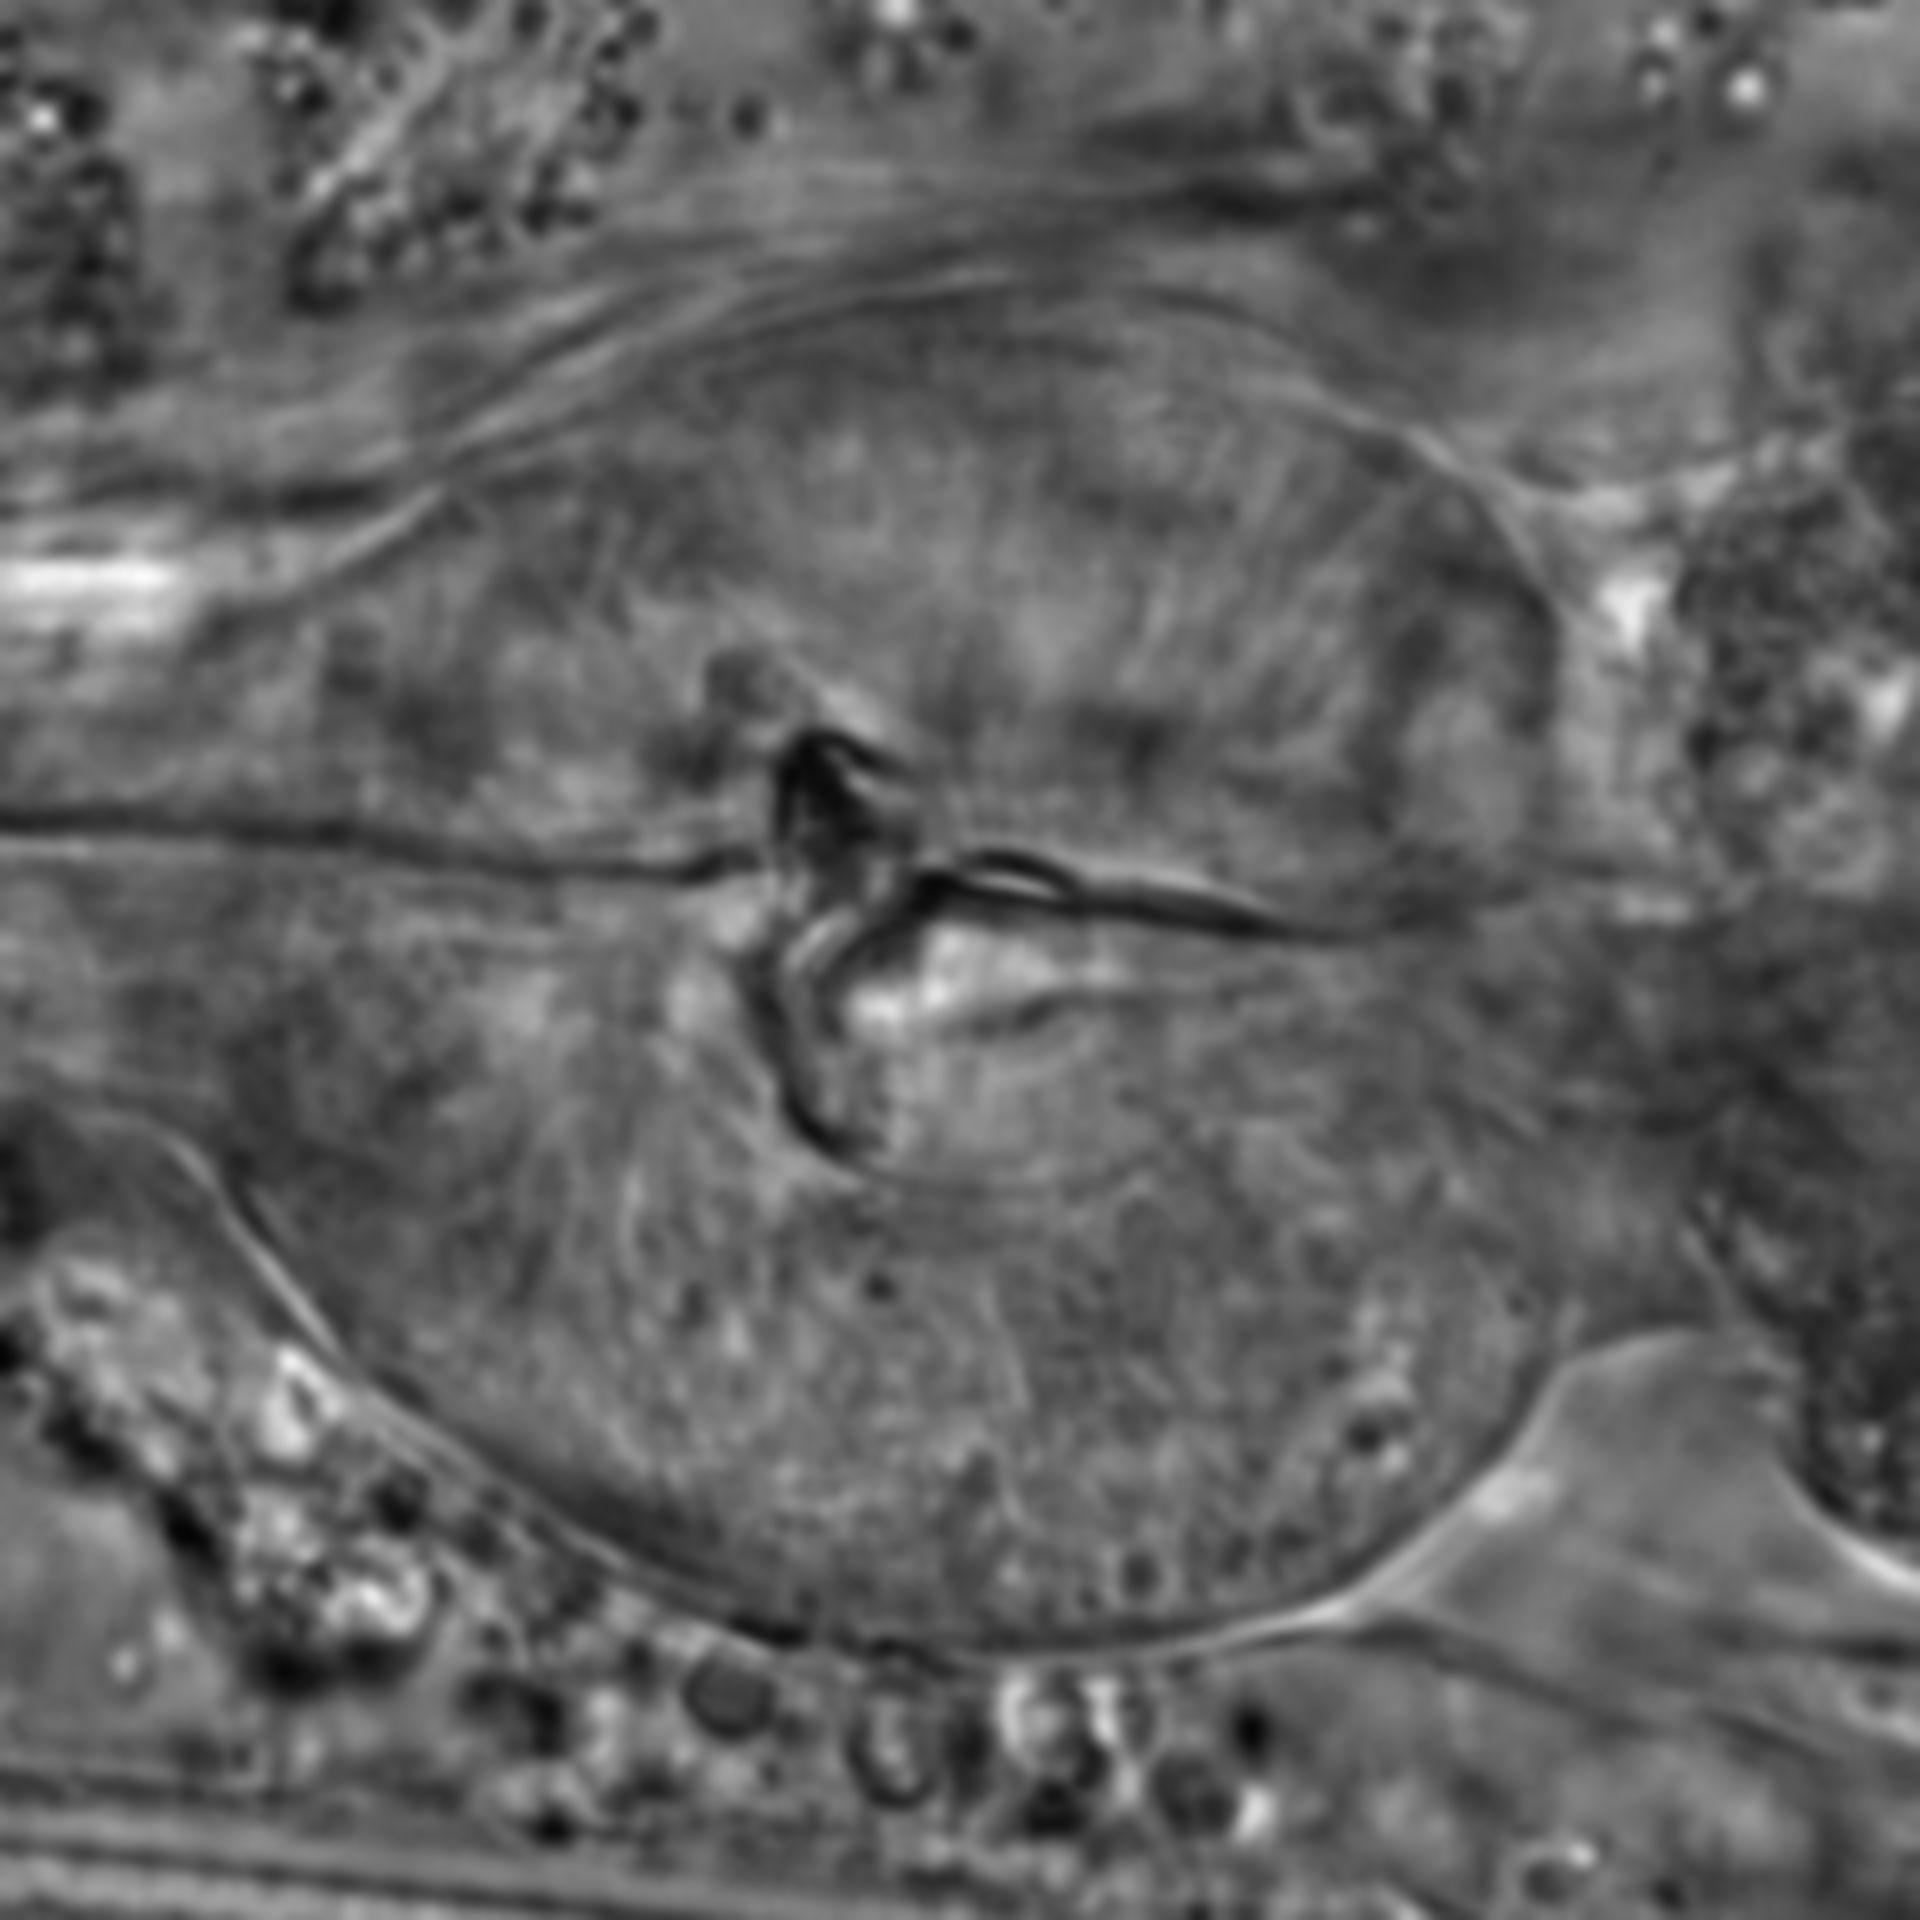 Caenorhabditis elegans - CIL:1755